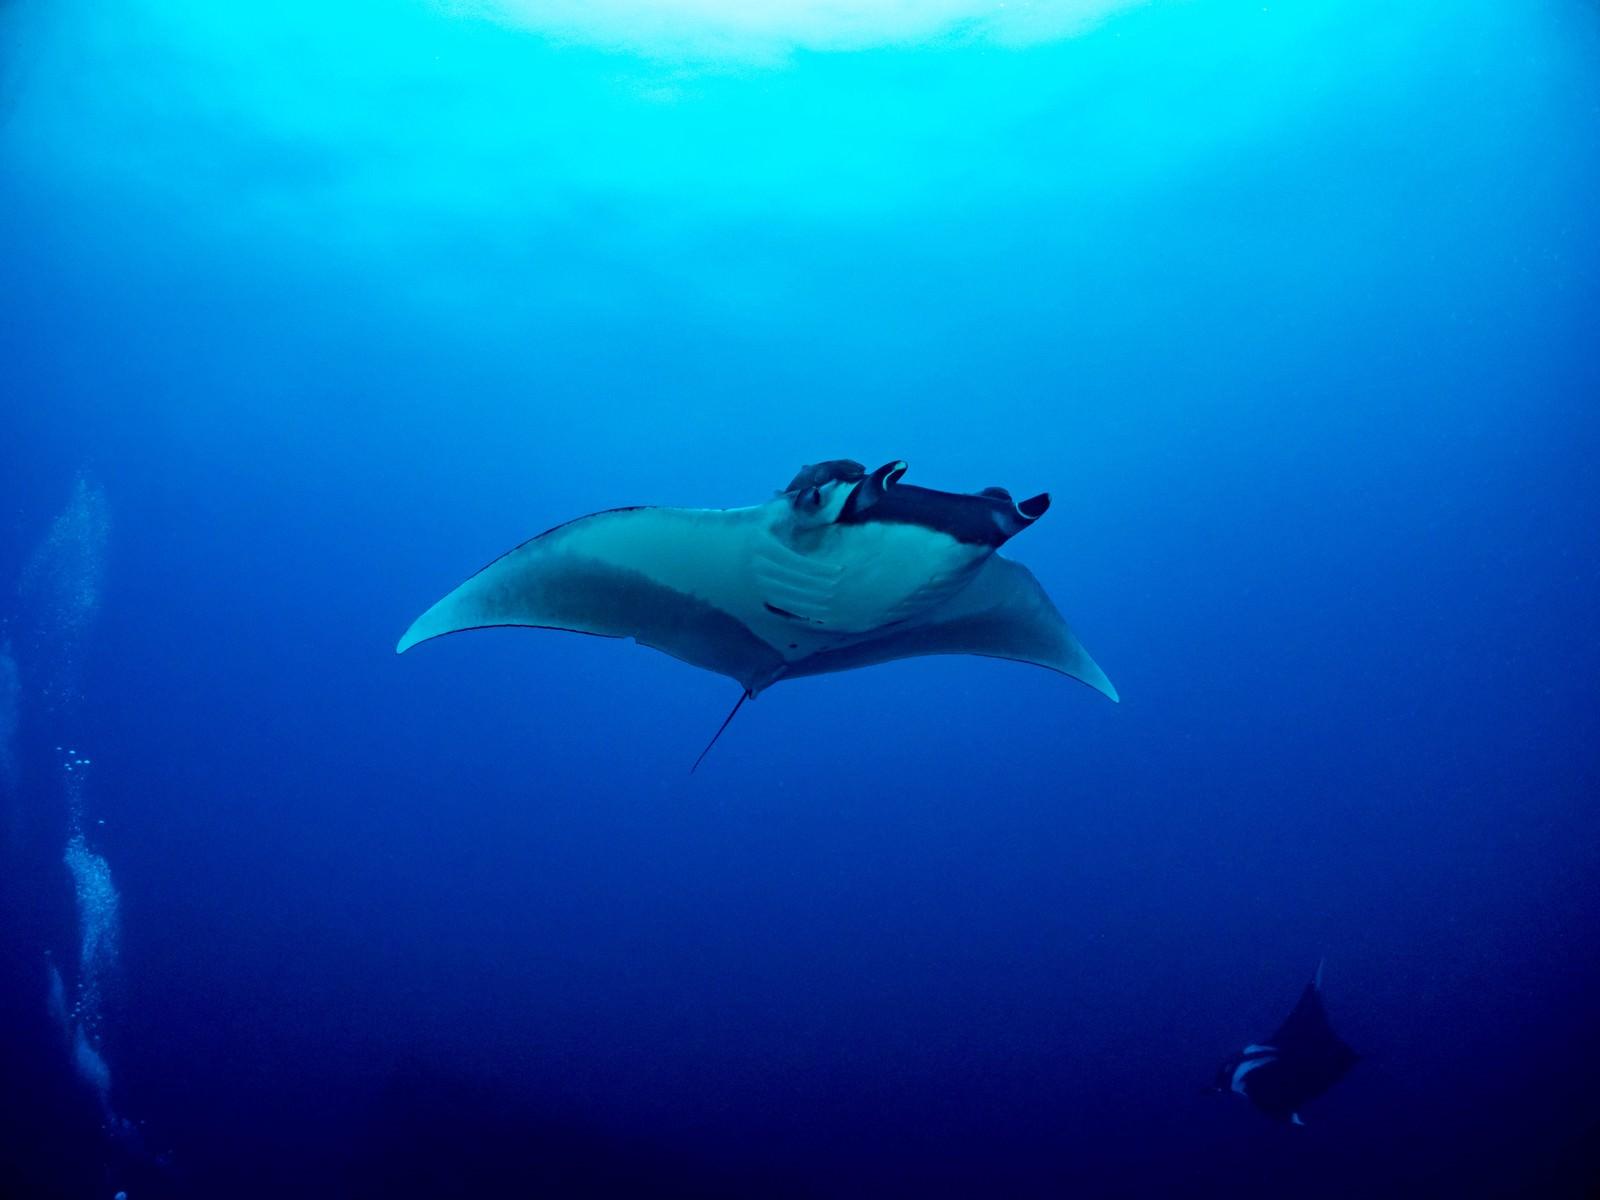 「広い海を舞うオニイトマキエイ」の写真